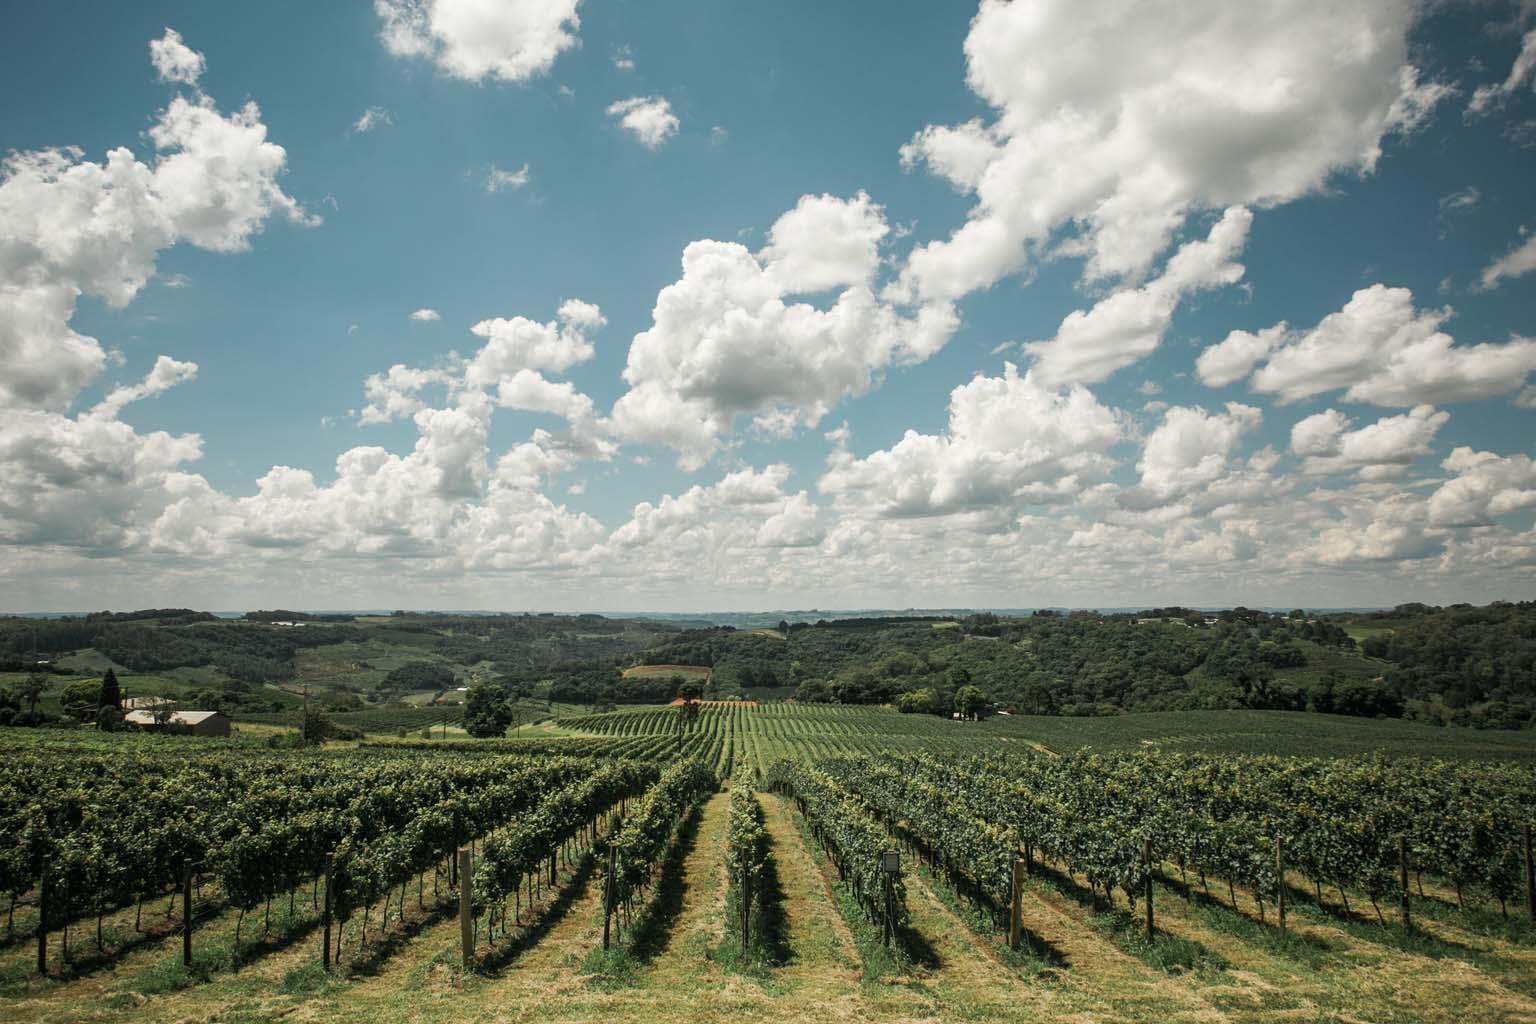 cave geisse vinicola serra gaucha